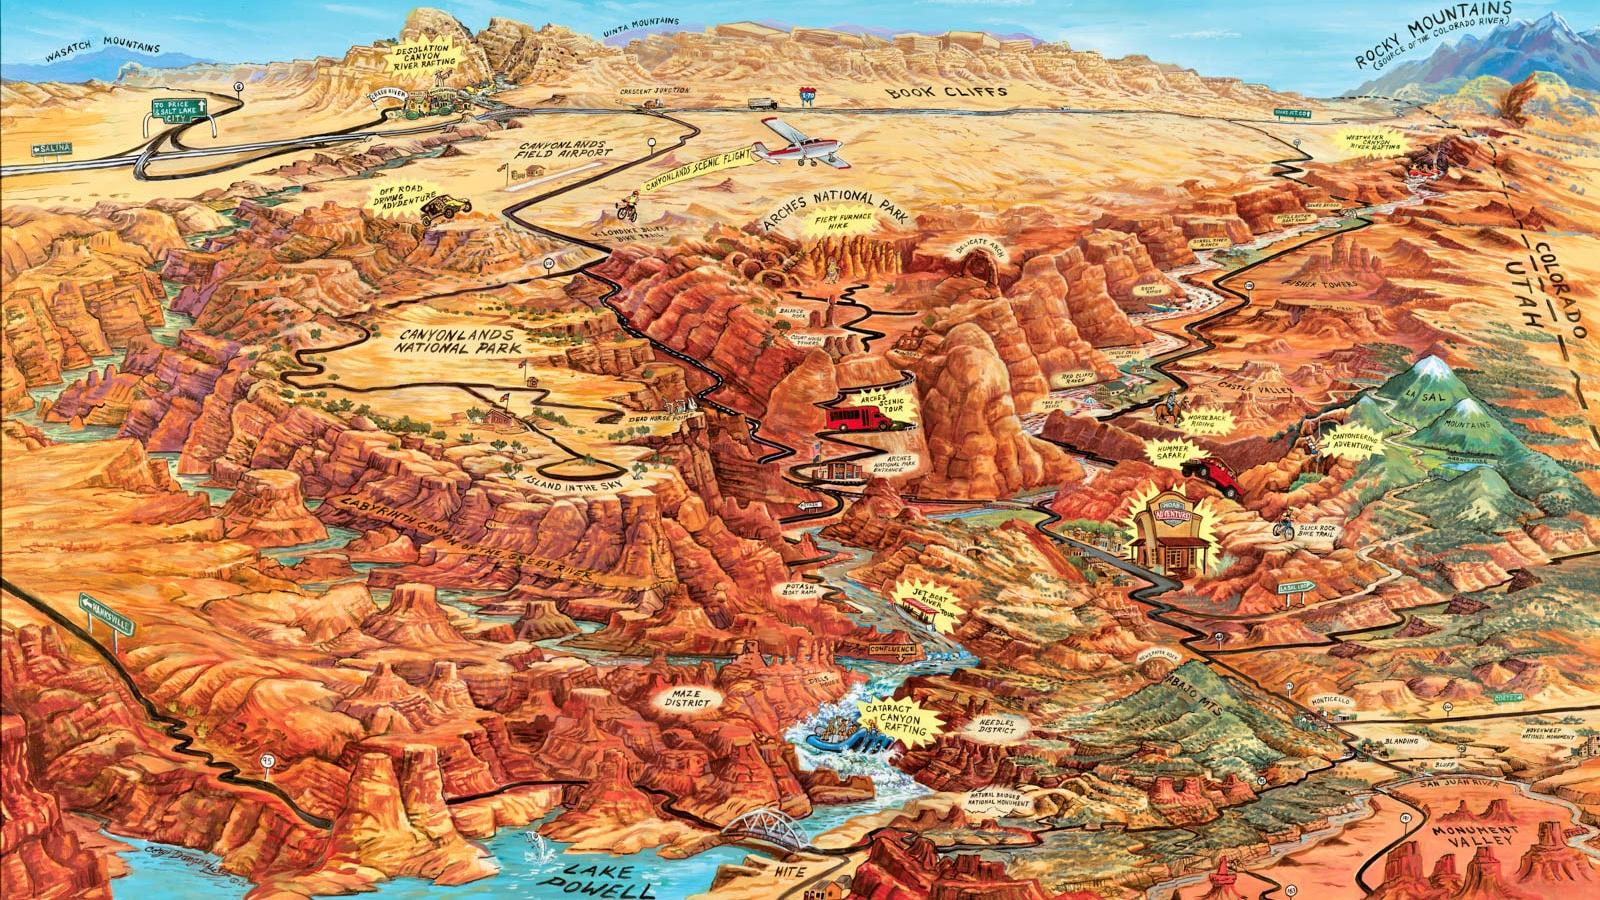 Moab Utah & Moab Vacations, Moab Hotels, Weather, Tours